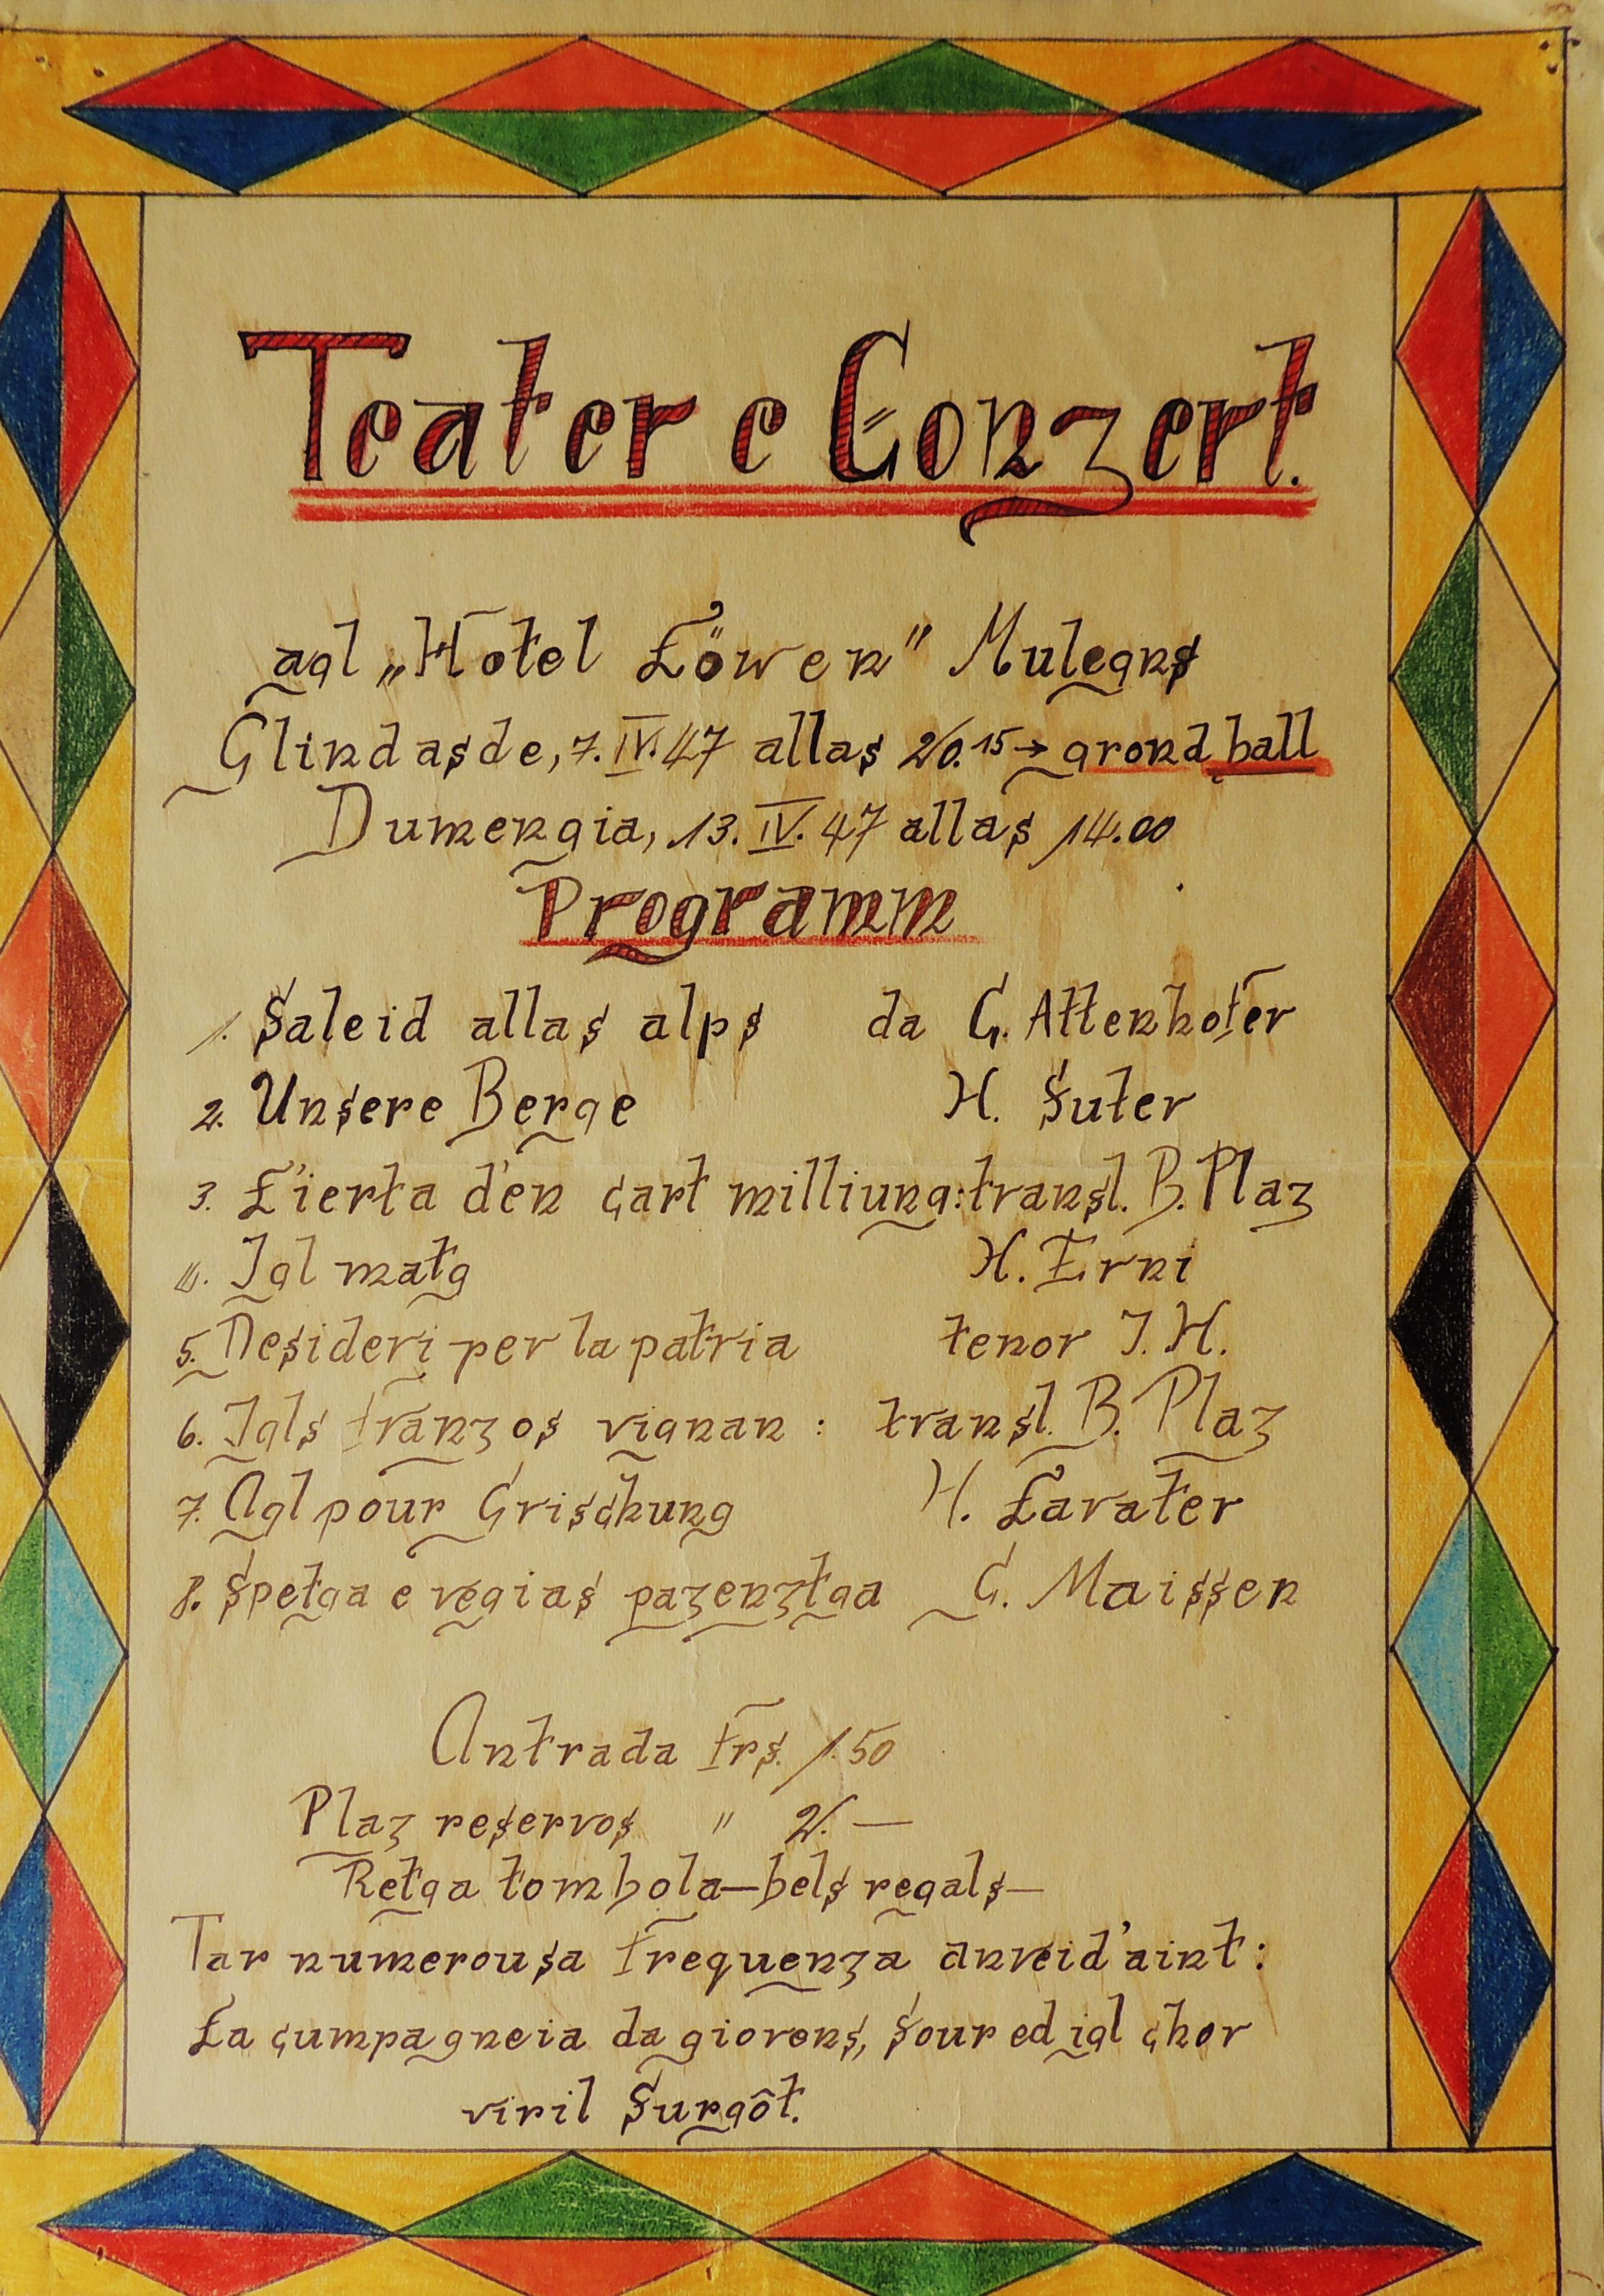 Mulegns - Chor viril Surgôt 1947